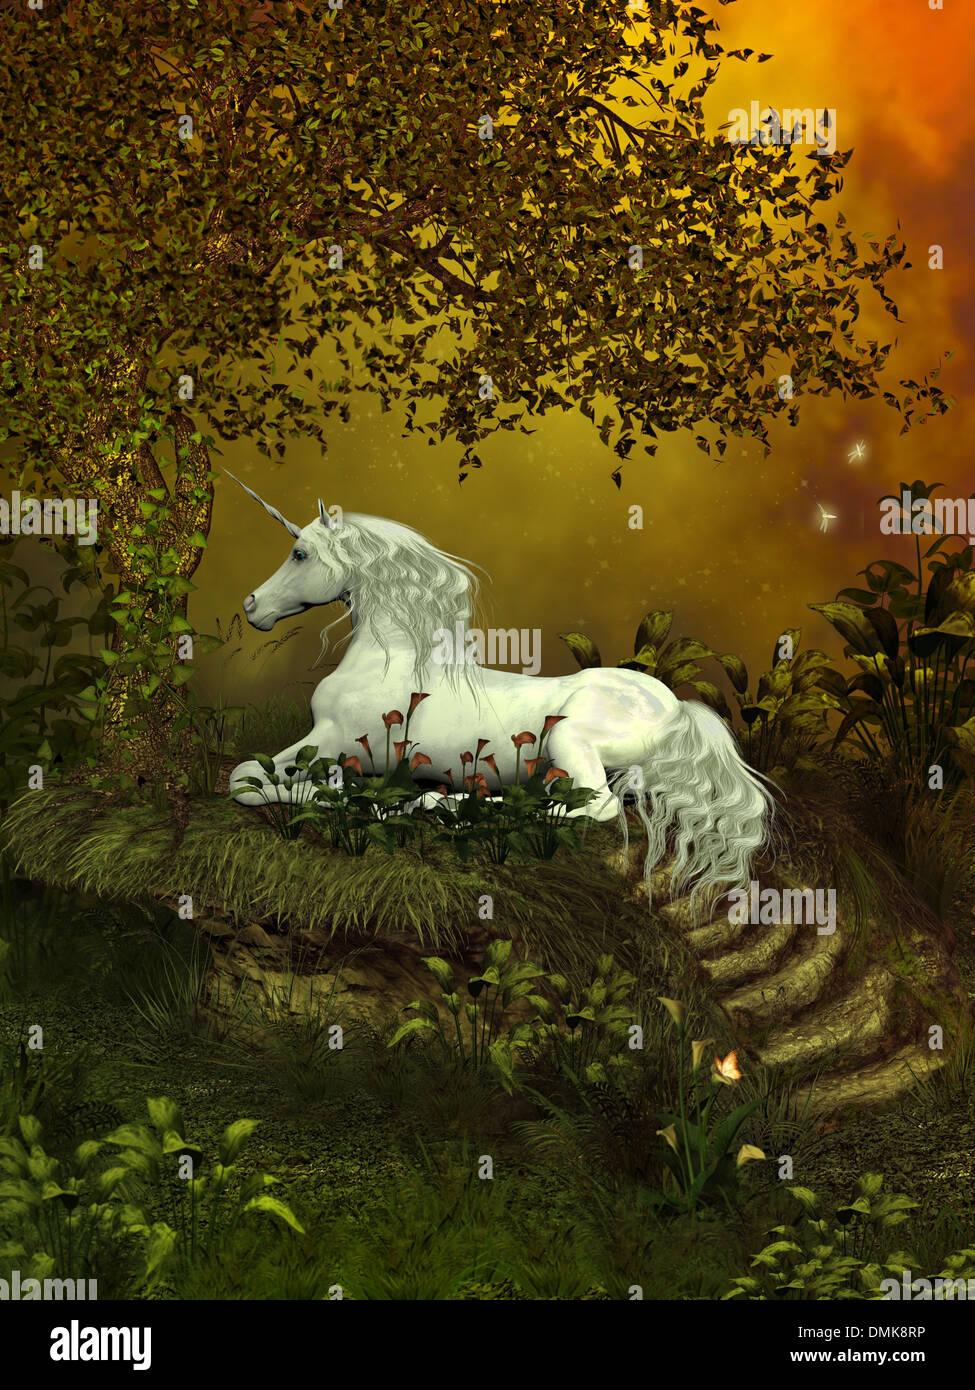 Un beau blanc licorne jette sous un arbre de la forêt pour se reposer parmi les fleurs. Photo Stock